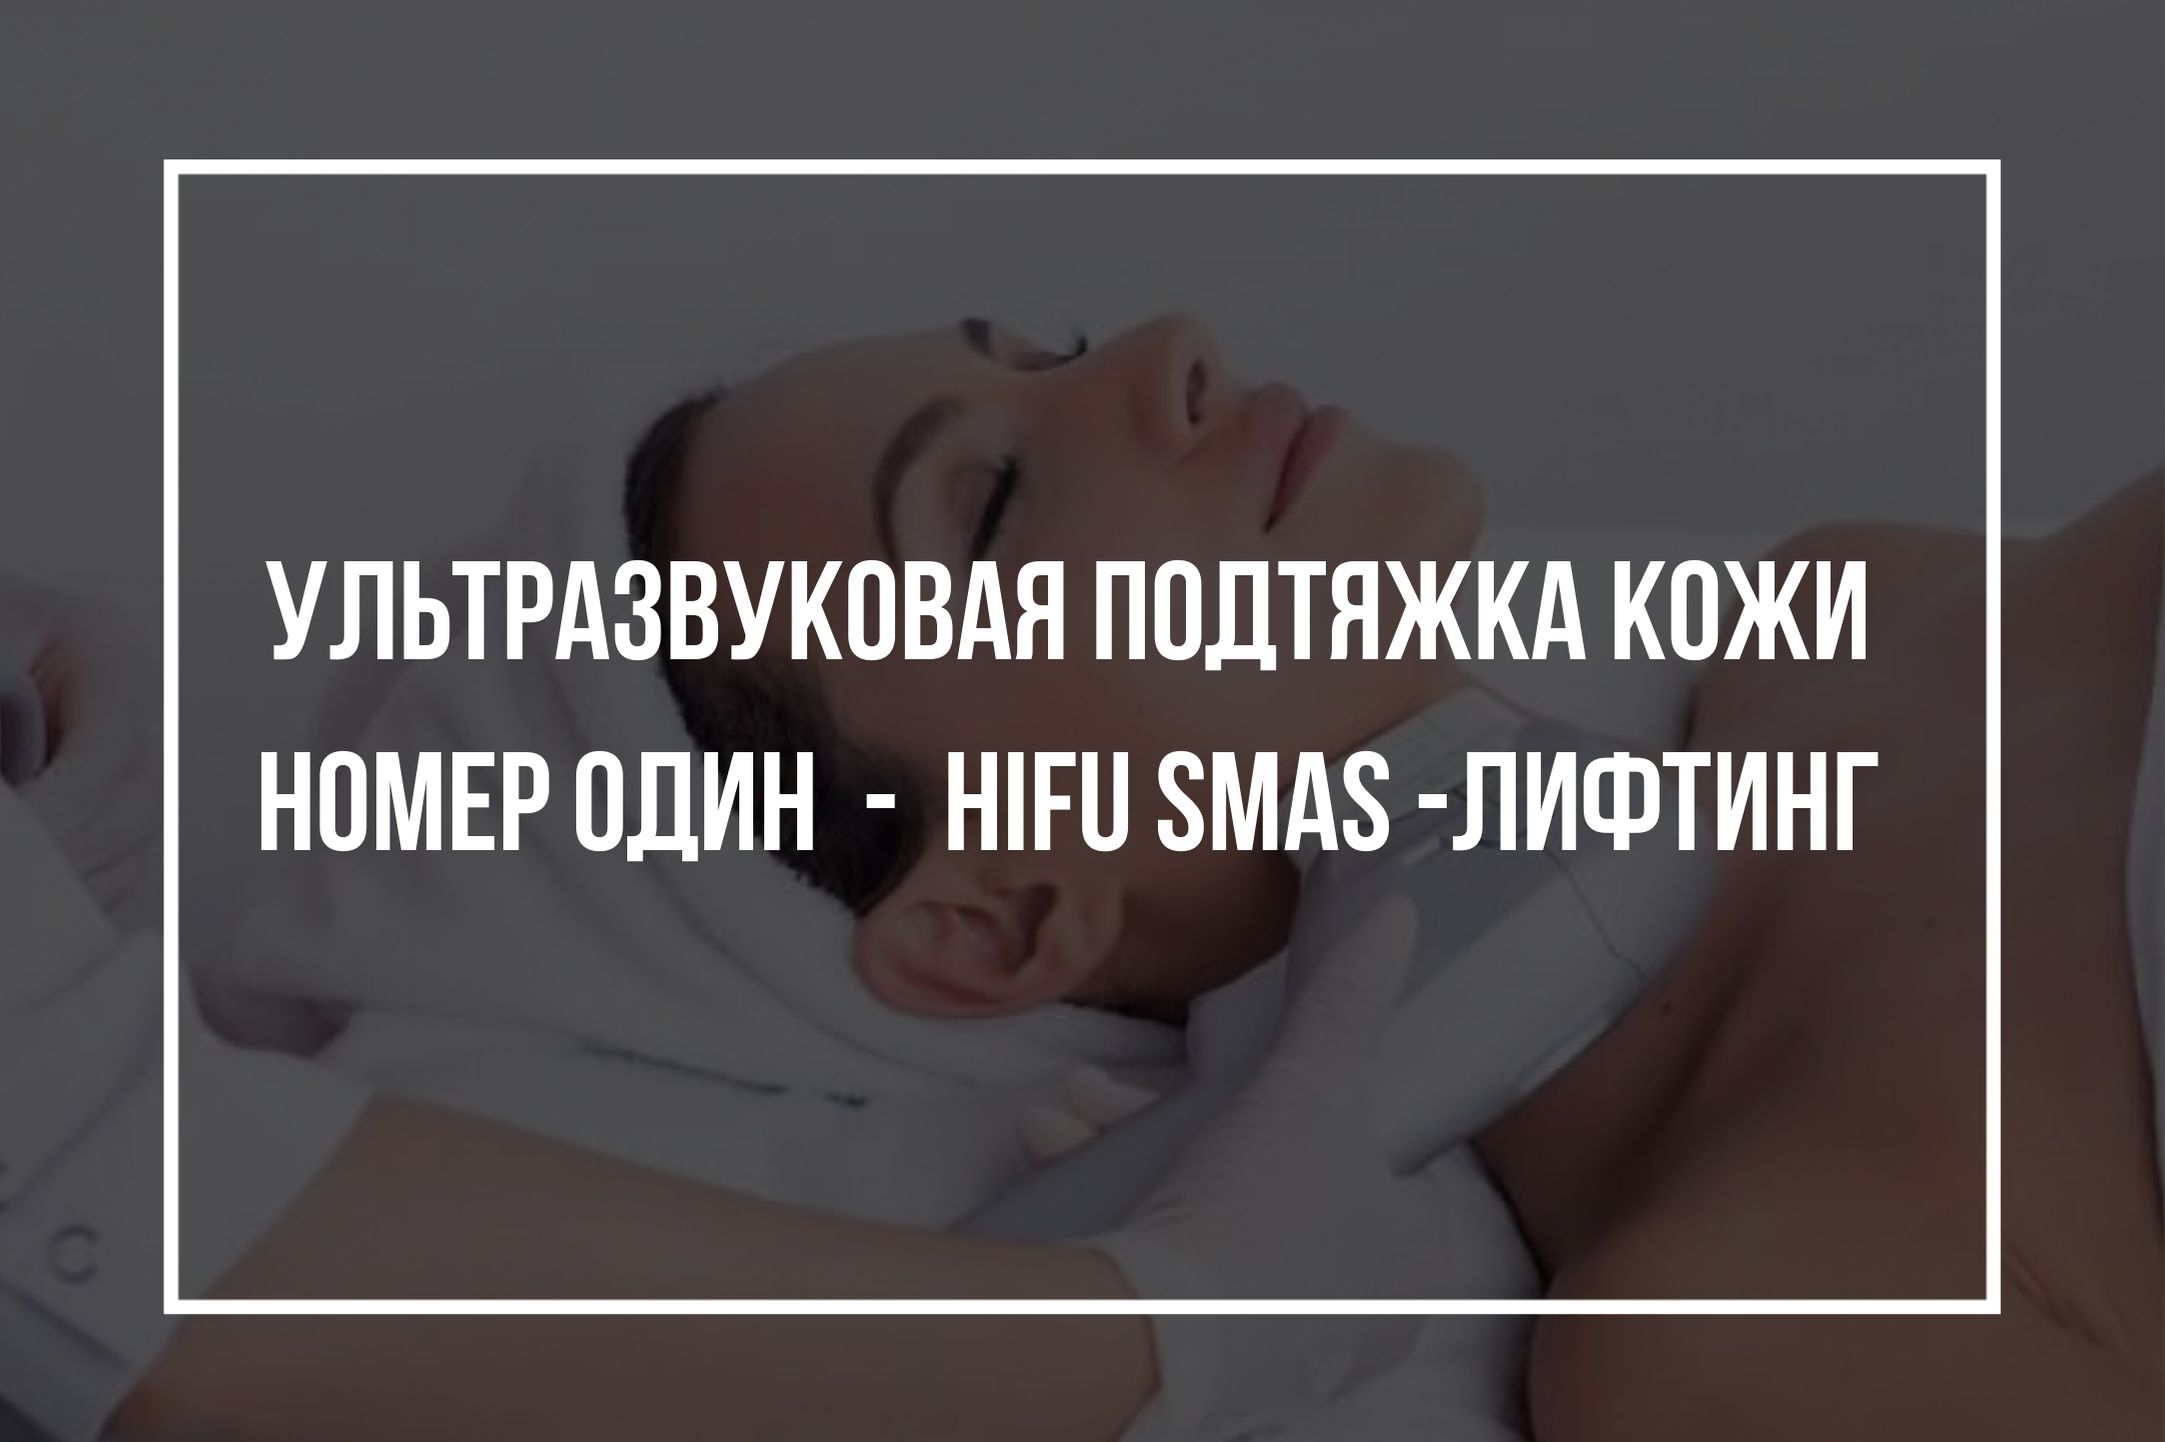 Ультразвуковая подтяжка номер один  -  HIFU SMAS -лифтинг